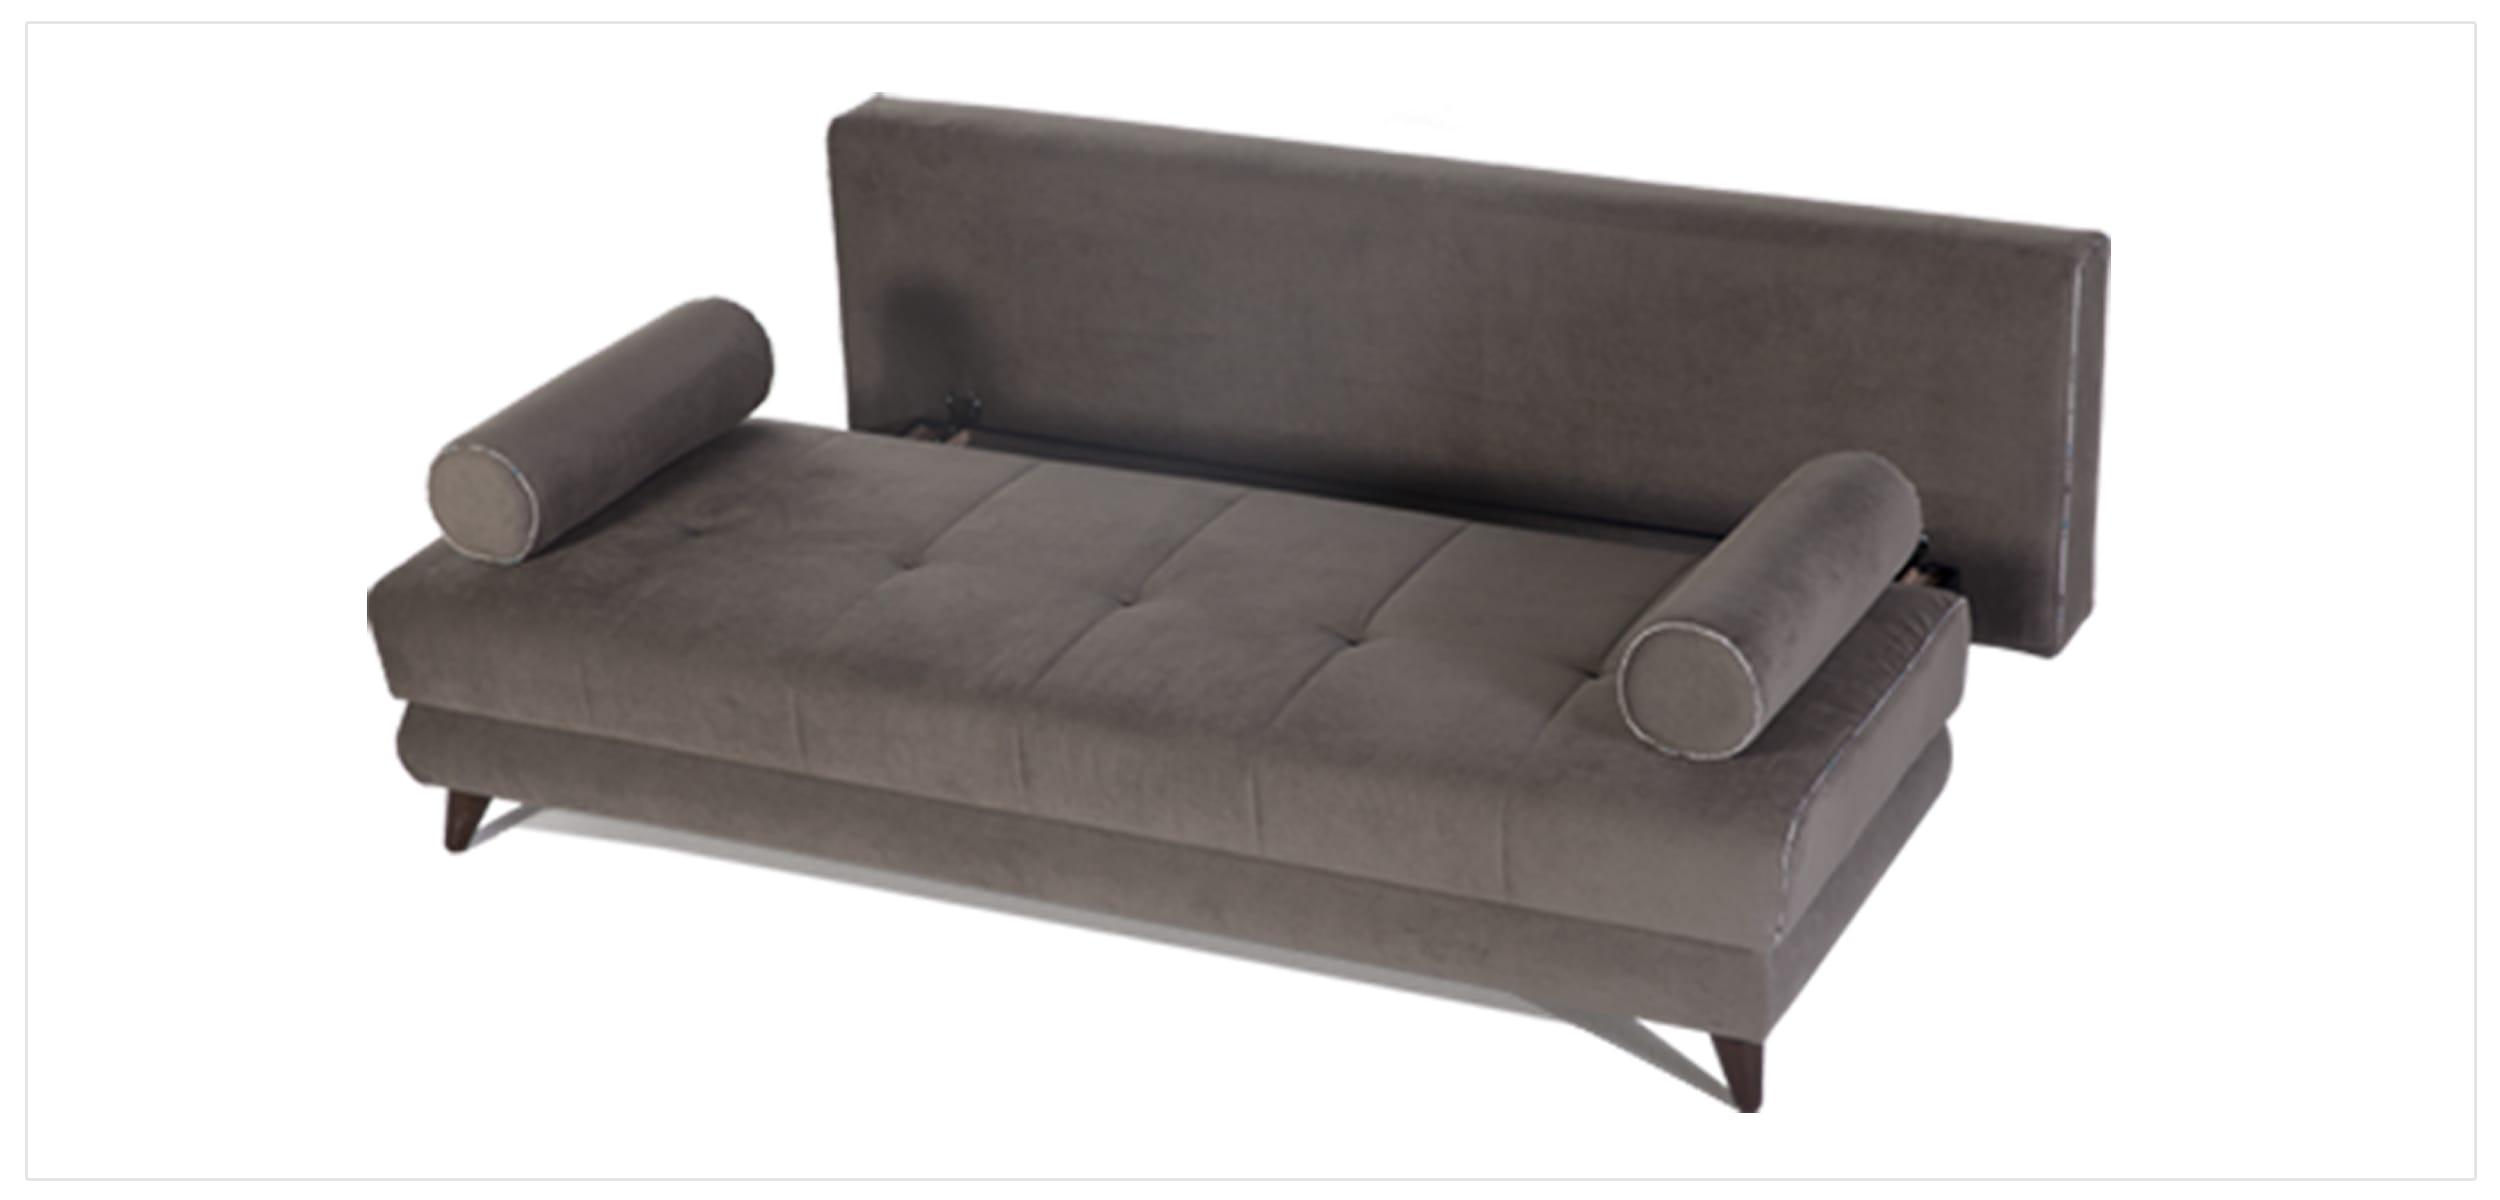 Stella Image Gray Sofa & 2 Chairs Set by Sunset